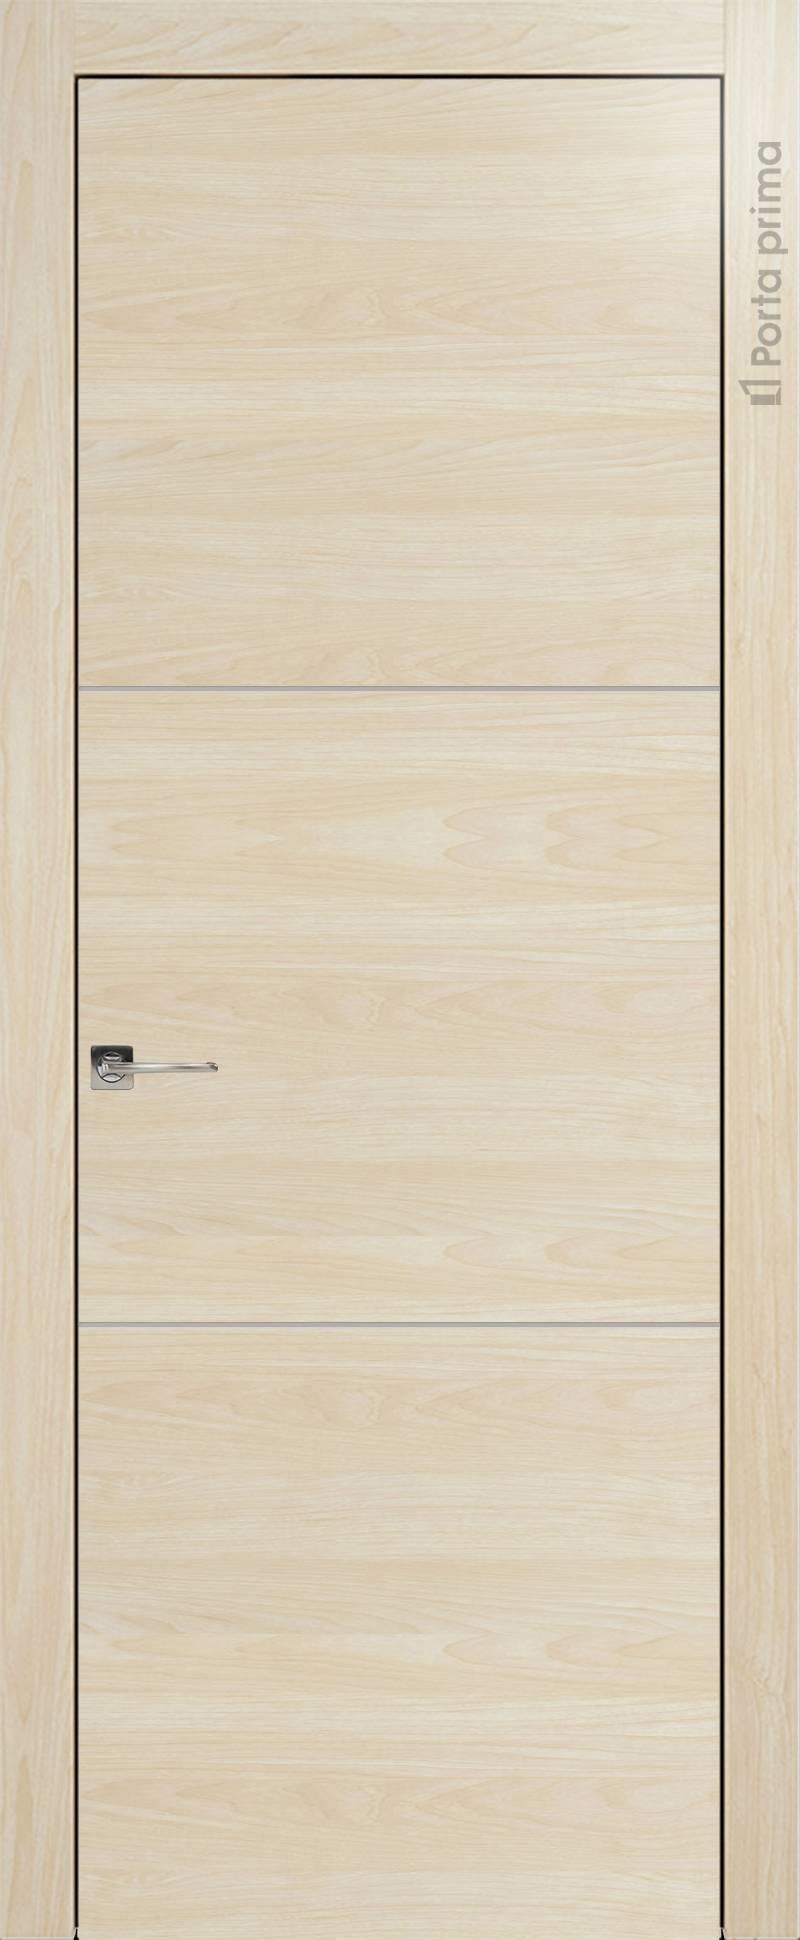 Tivoli В-2 цвет - Клен Без стекла (ДГ)